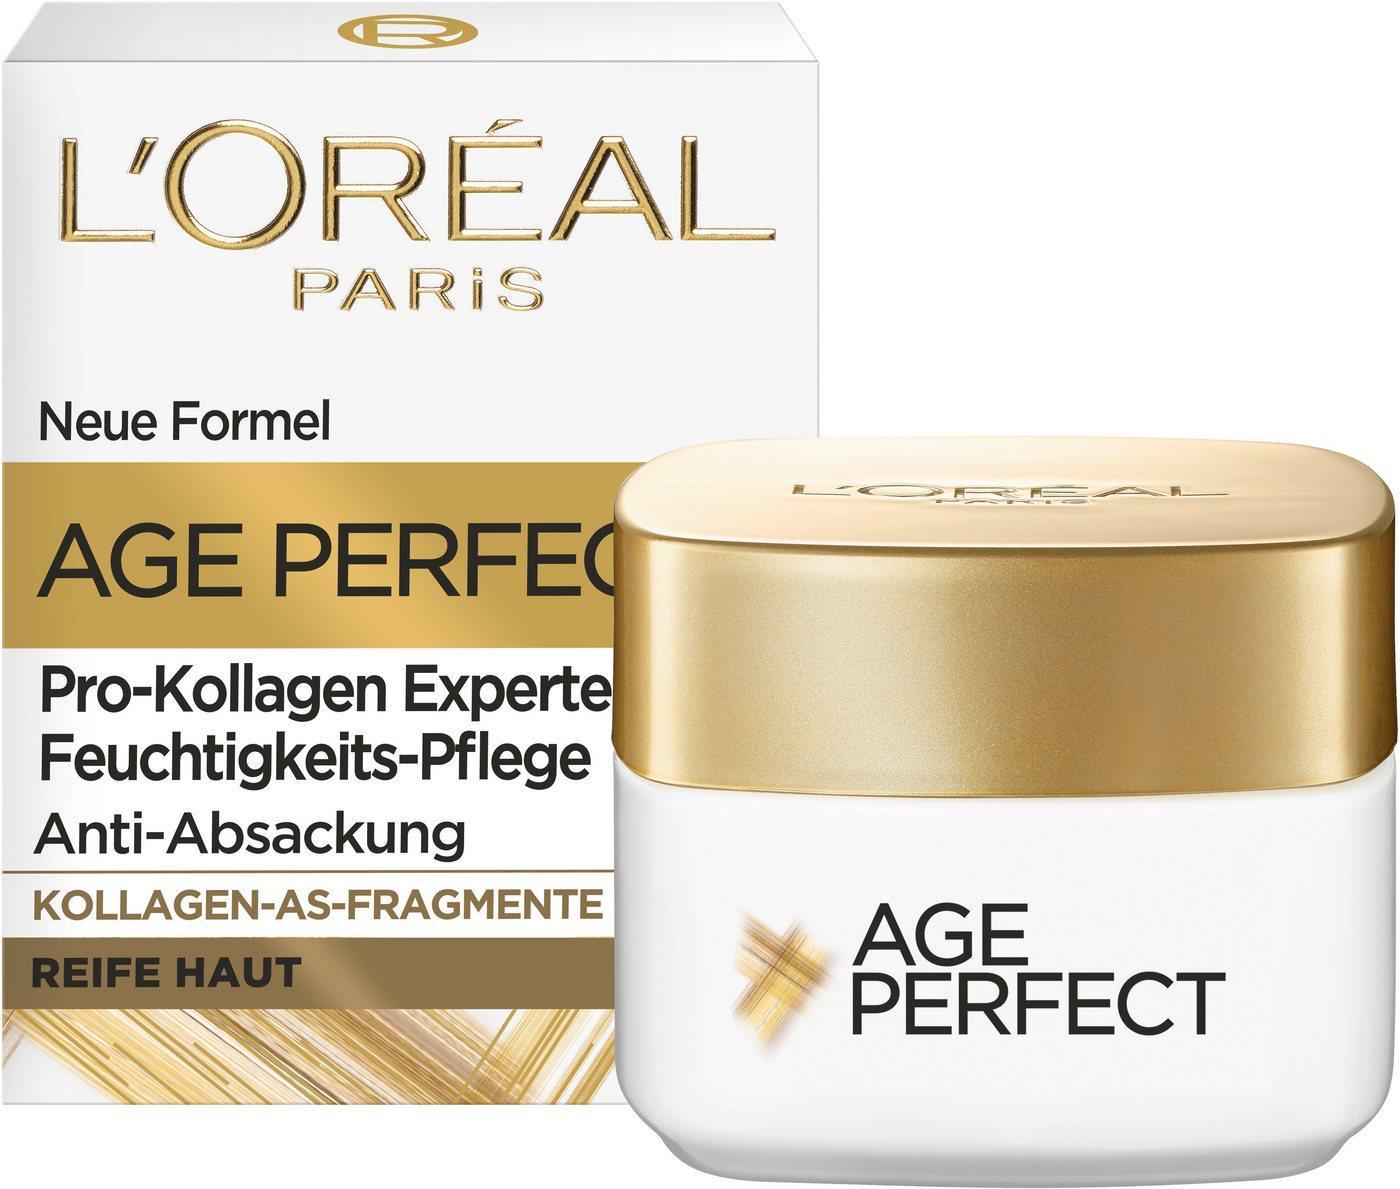 L'ORÉAL PARIS Augencreme »Age Perfect Pro-Kollagen Auge«